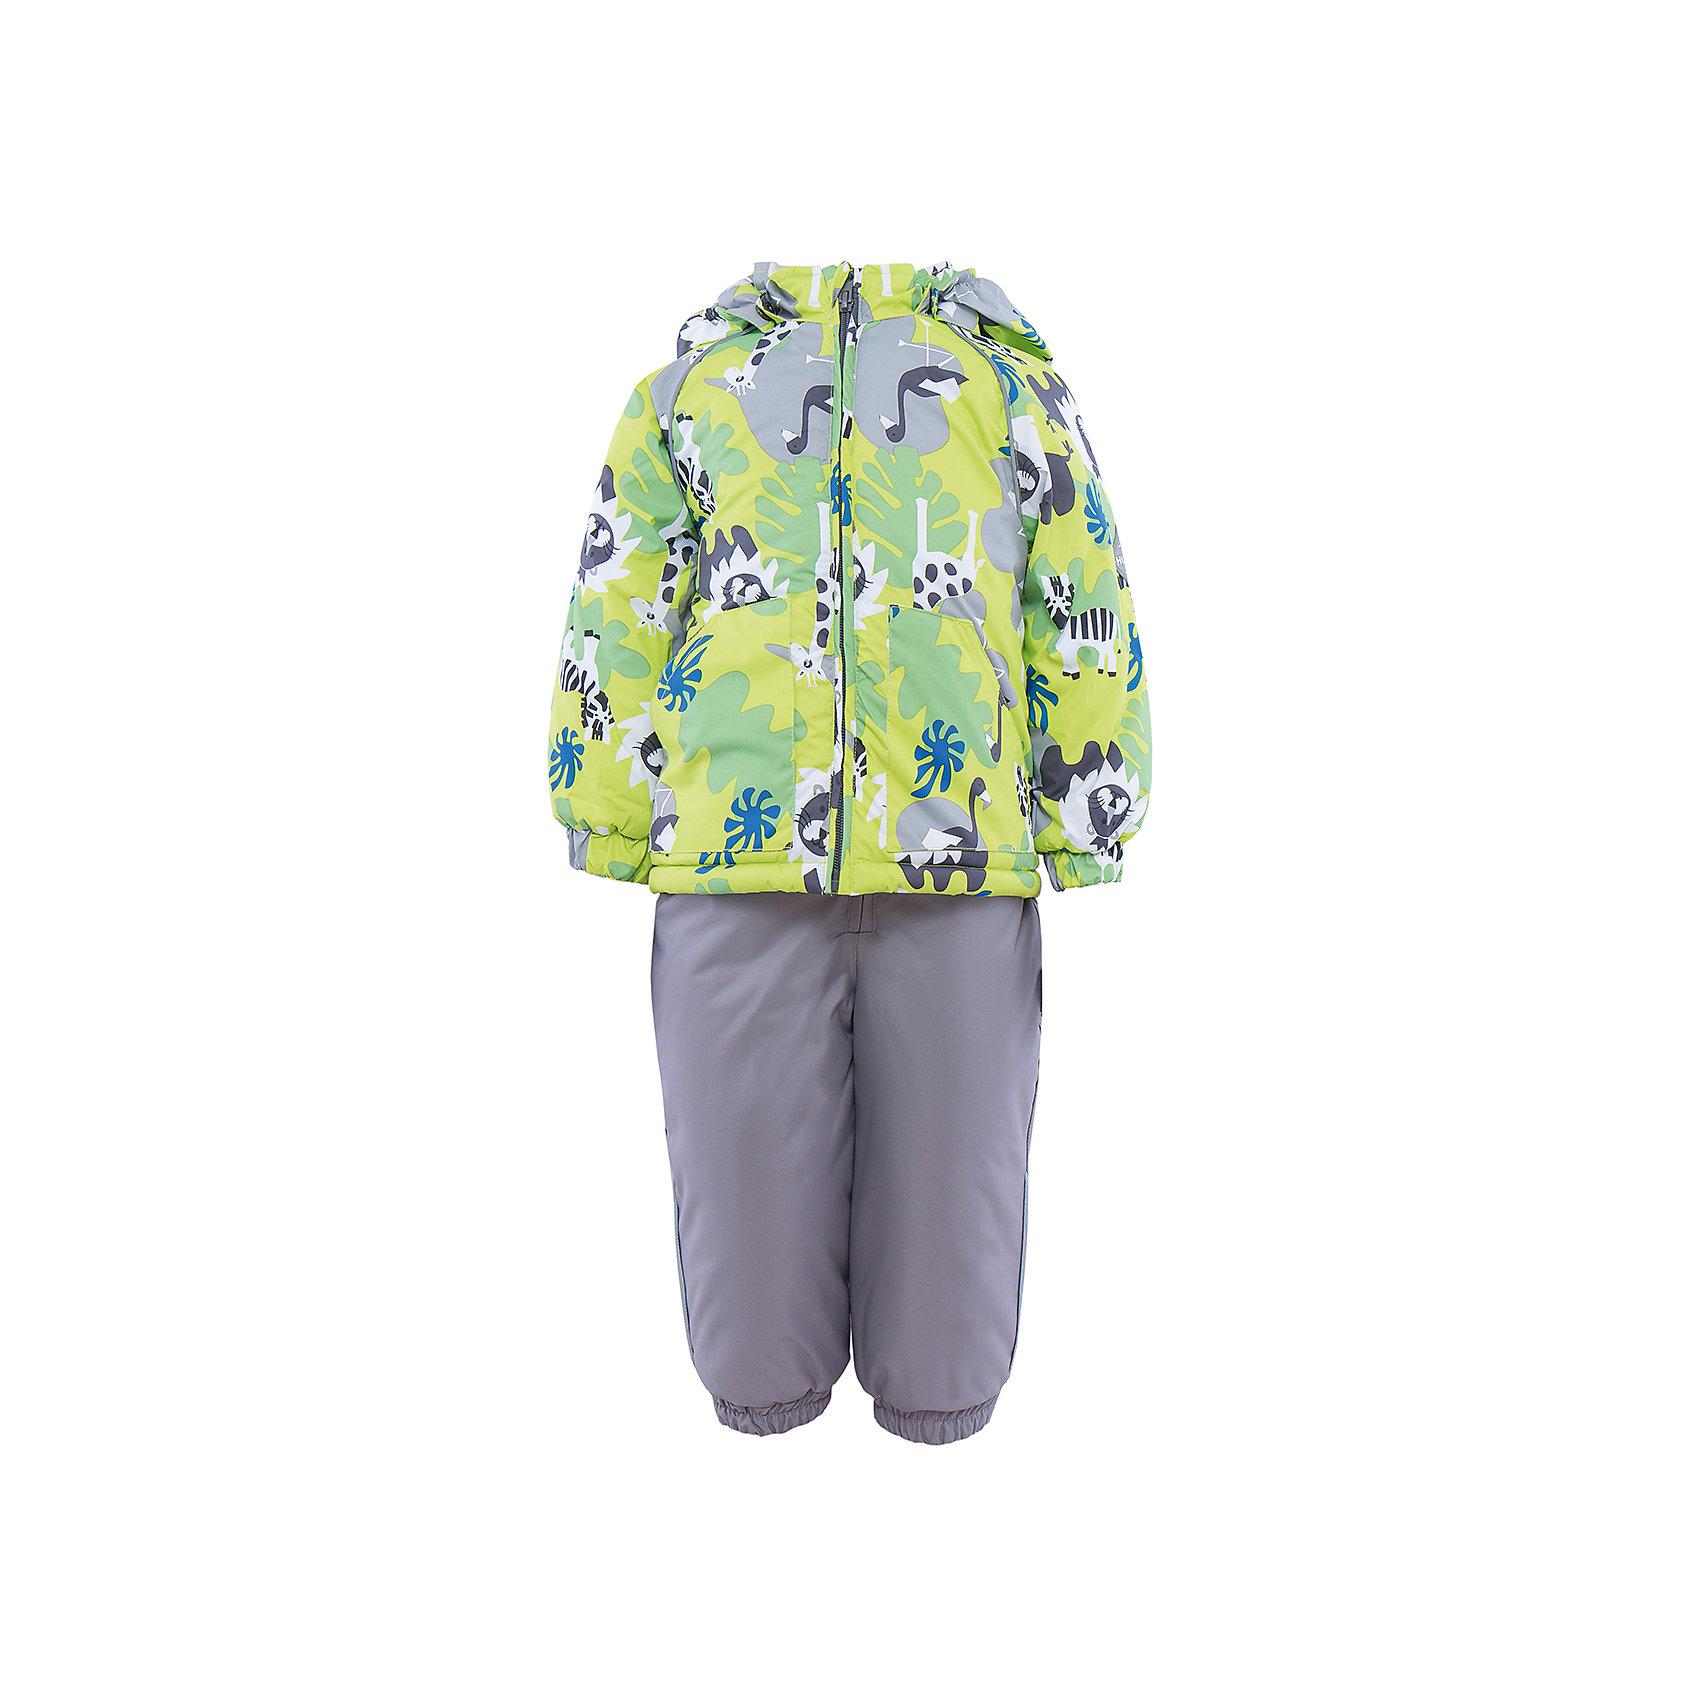 Комплект HuppaВерхняя одежда<br>Комплект из куртки и комбинезона AVERY1 Huppa(Хуппа).<br><br>Утеплитель: 100% полиэстер. Куртка – 300 гр., полукомбинезон – 160 гр.<br><br>Температурный режим: до -30 градусов. Степень утепления – высокая. <br><br>* Температурный режим указан приблизительно — необходимо, прежде всего, ориентироваться на ощущения ребенка. Температурный режим работает в случае соблюдения правила многослойности – использования флисовой поддевы и термобелья.<br><br>Отлично подойдет для зимних прогулок. Комбинезон имеет подтяжки и резинки на талии и манжетах. Куртка с капюшоном и резинками на манжетах имеет необычный дизайн и принт со зверюшками.<br><br>Особенности:<br>-плотная дышащая и водоотталкивающая мембрана<br>-водонепроницаемый<br>-мягкая фланелевая подкладка<br>-водостойкая лента на швах<br>-высокая прочность<br>-светоотражающие элементы<br>-съемный капюшон (мех не отстегивается)<br><br>Дополнительная информация:<br>Материал: 100% полиэстер<br>Подкладка: фланель - 100% хлопок<br>Цвет: салатовый/серый<br><br>Вы можете приобрести комплект AVERY1 Huppa(Хуппа) в нашем интернет-магазине.<br><br>Ширина мм: 356<br>Глубина мм: 10<br>Высота мм: 245<br>Вес г: 519<br>Цвет: зеленый<br>Возраст от месяцев: 12<br>Возраст до месяцев: 15<br>Пол: Унисекс<br>Возраст: Детский<br>Размер: 80,104,86,92,98<br>SKU: 4928798